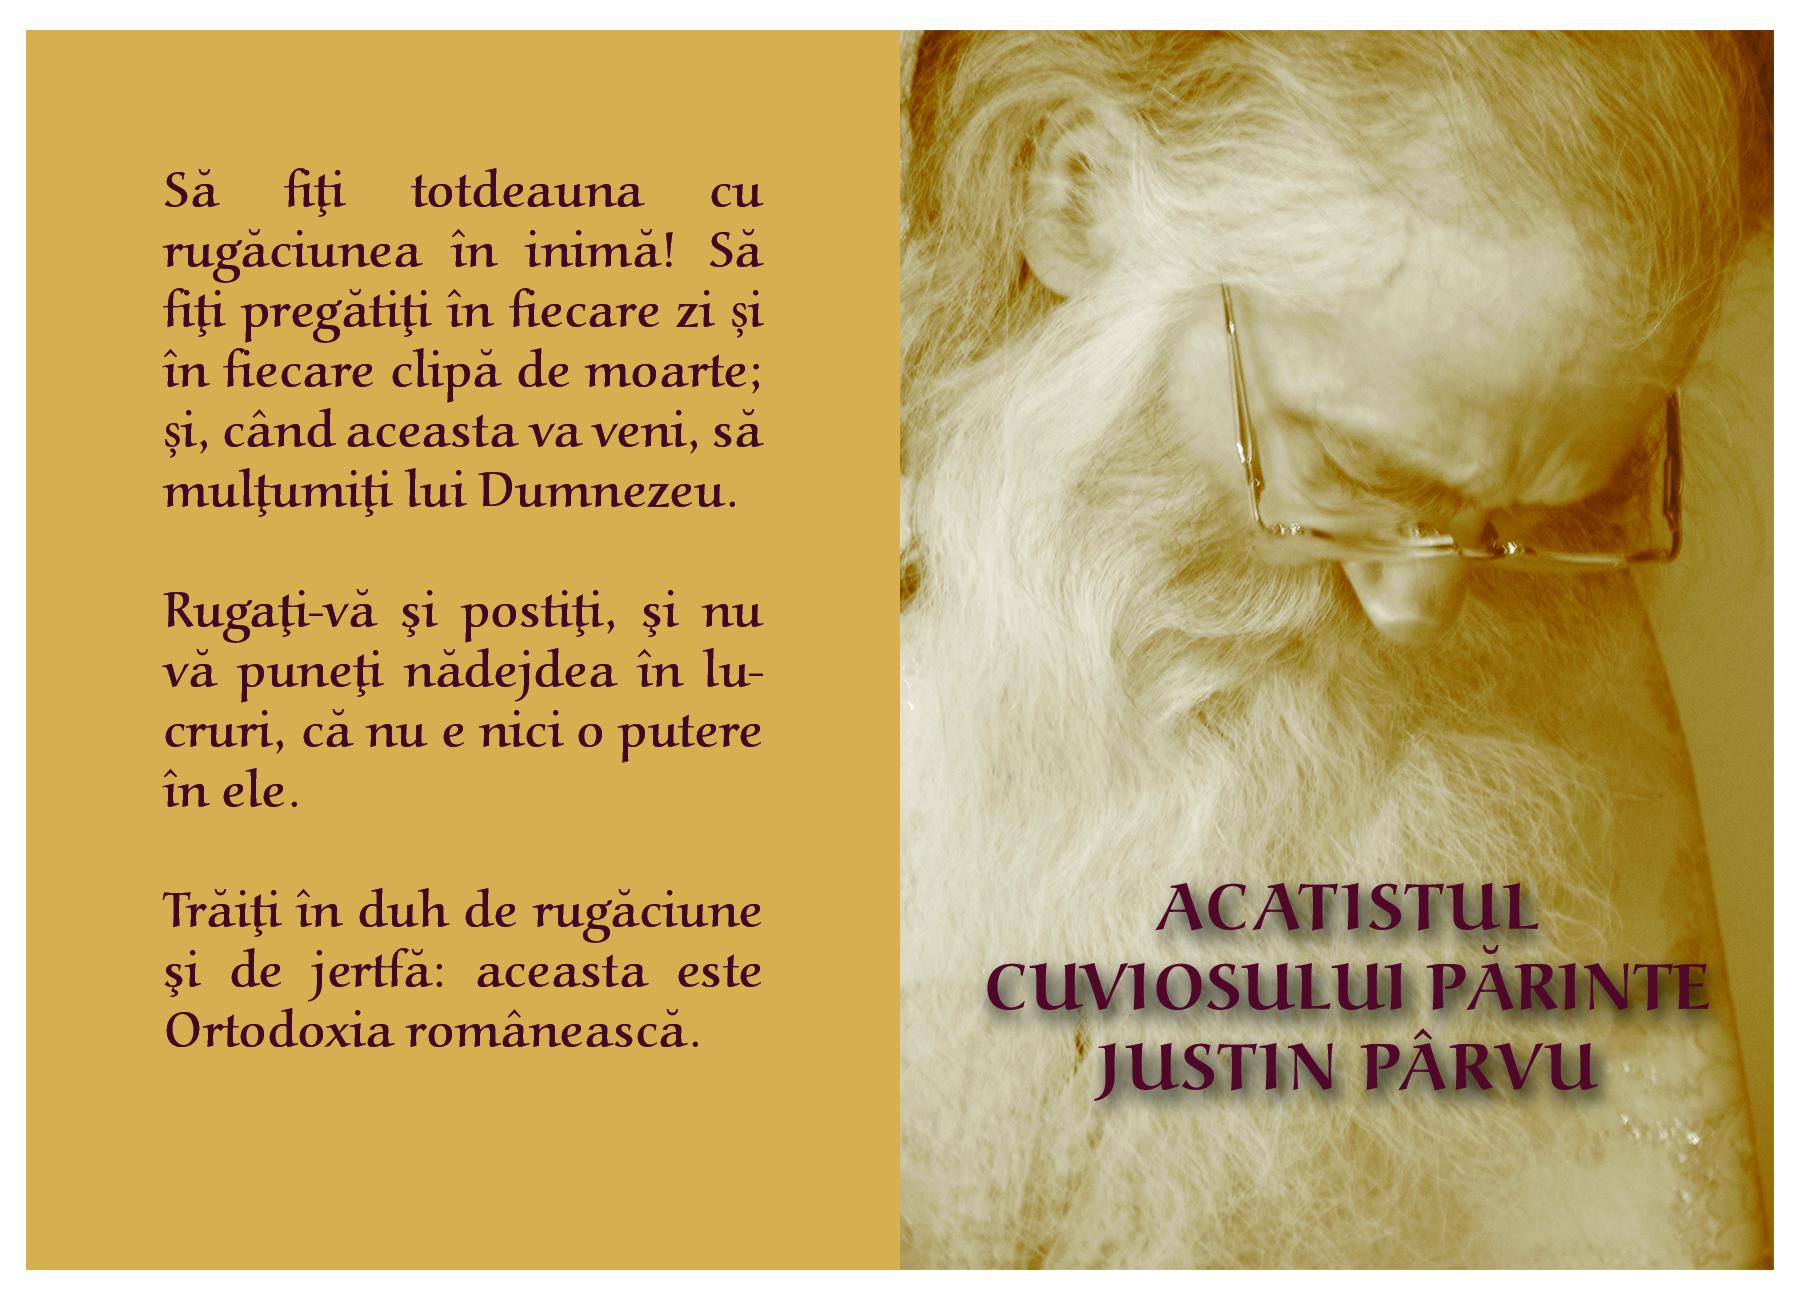 Coperta-Acatist-Parintele-Justin - de M Neonila - Manastirea Petru Voda